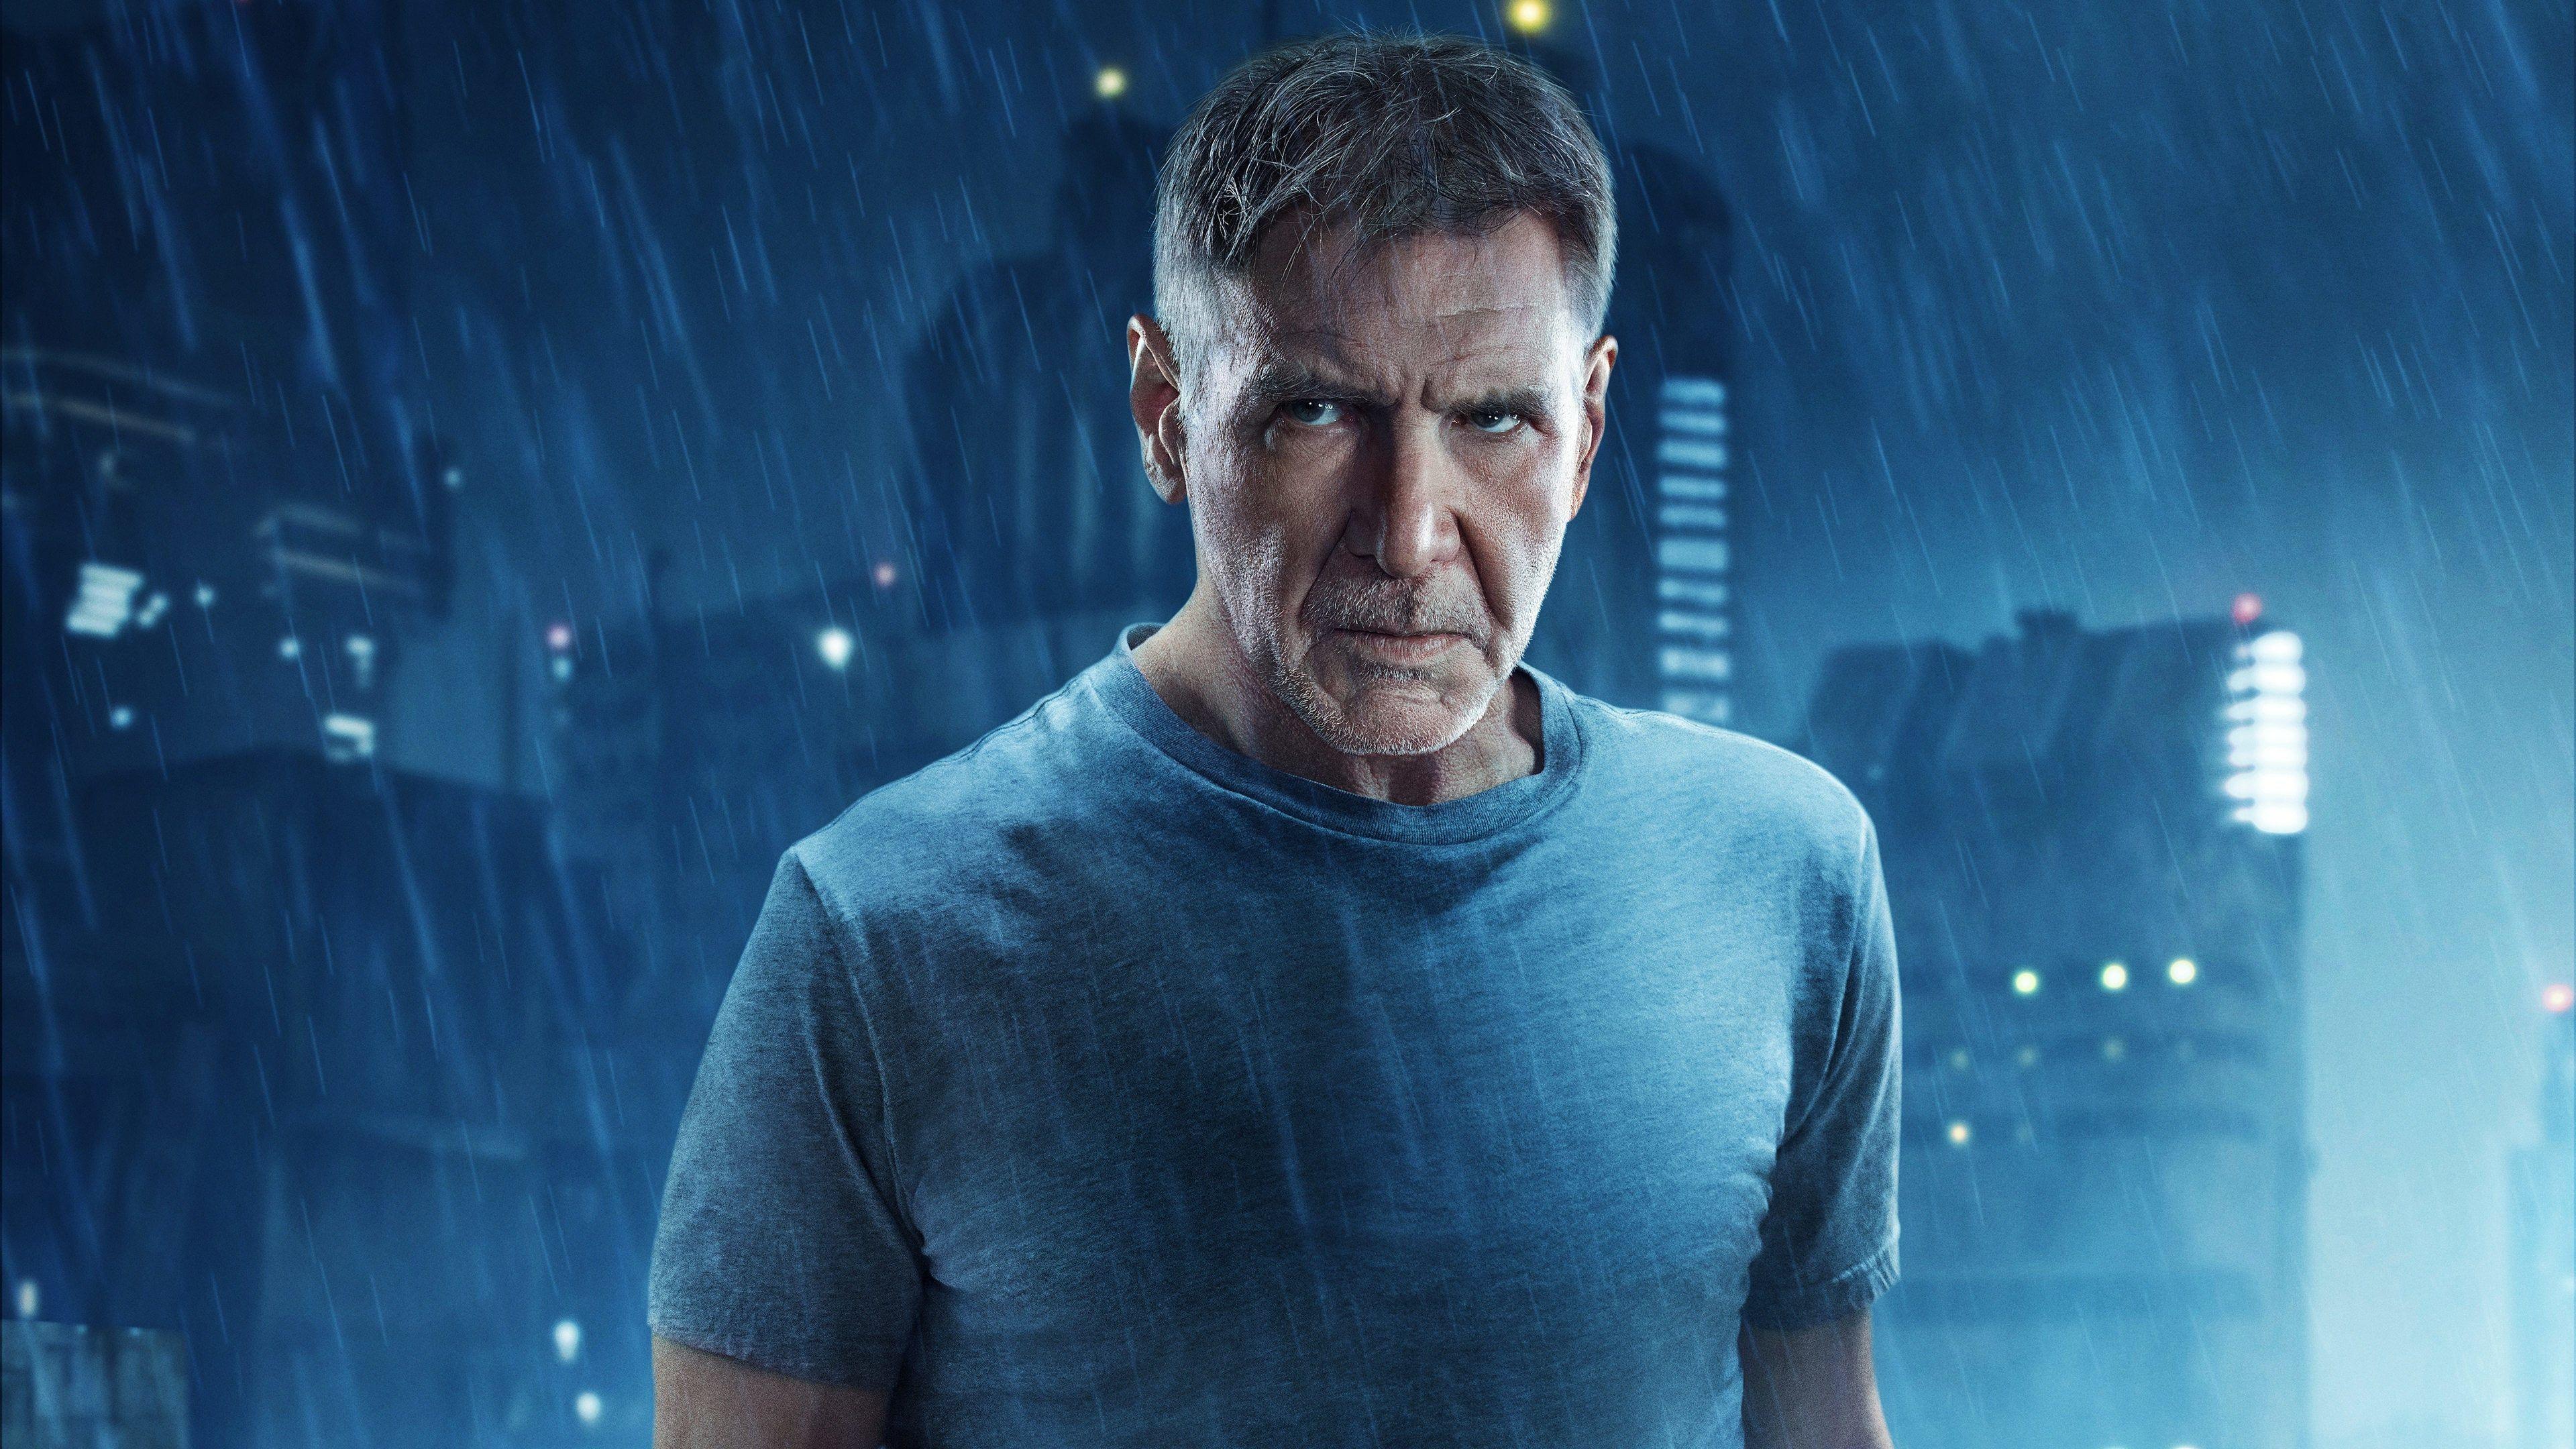 Blade Runner 2049 2017 Ganzer Film Deutsch Komplett Kino Im Jahr 2023 Wird Die Herstellung Von Replikanten Blade Runner 2049 Blade Runner Deckard Blade Runner